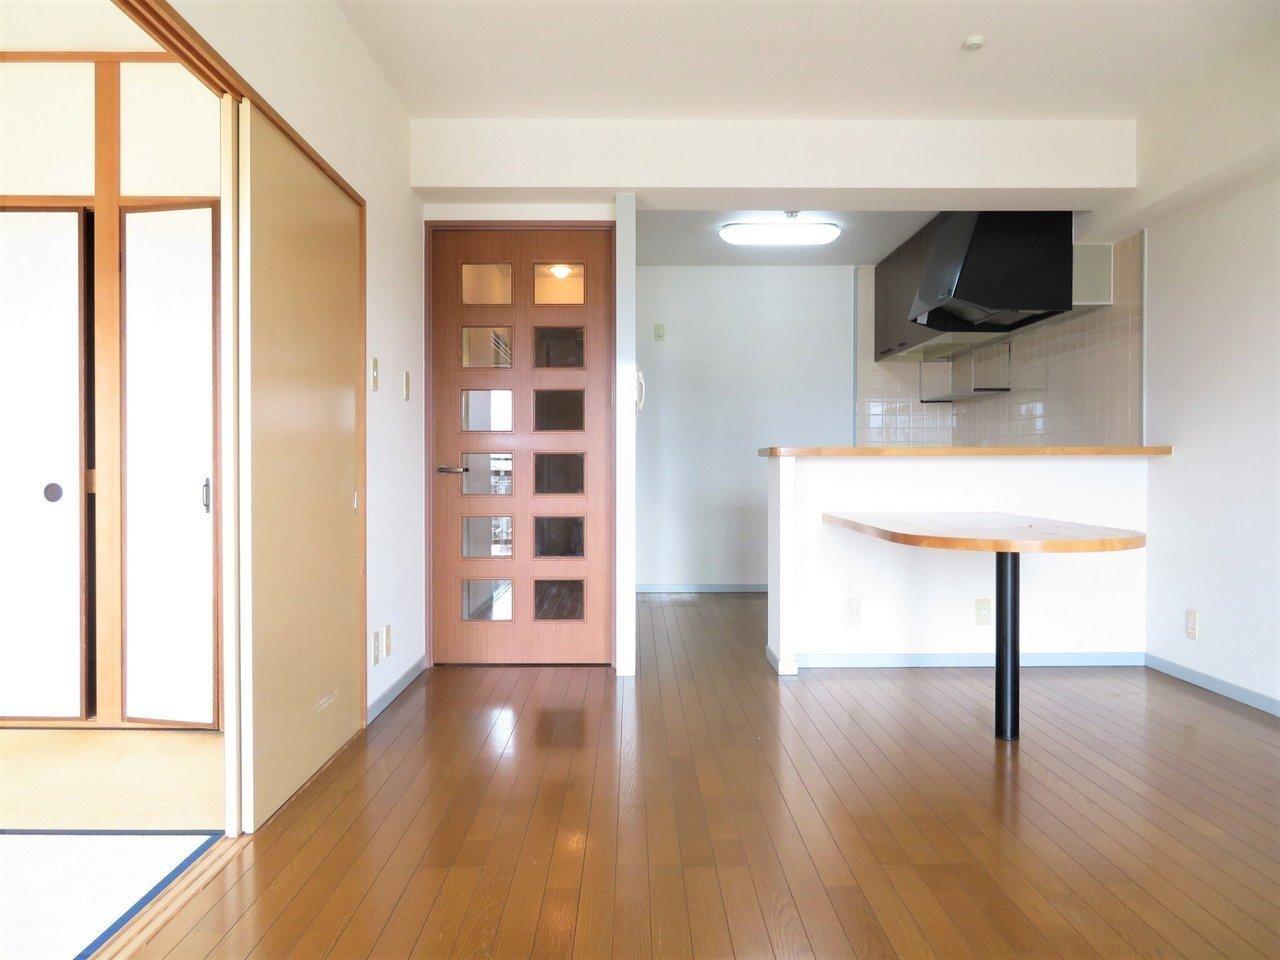 お部屋の間取りは、家族で住むのにぴったりの3LDK。洋室2つに和室が1つ。リビングには大きなカウンターが。ここで食事をすればダイニングテーブルは不要ですね。